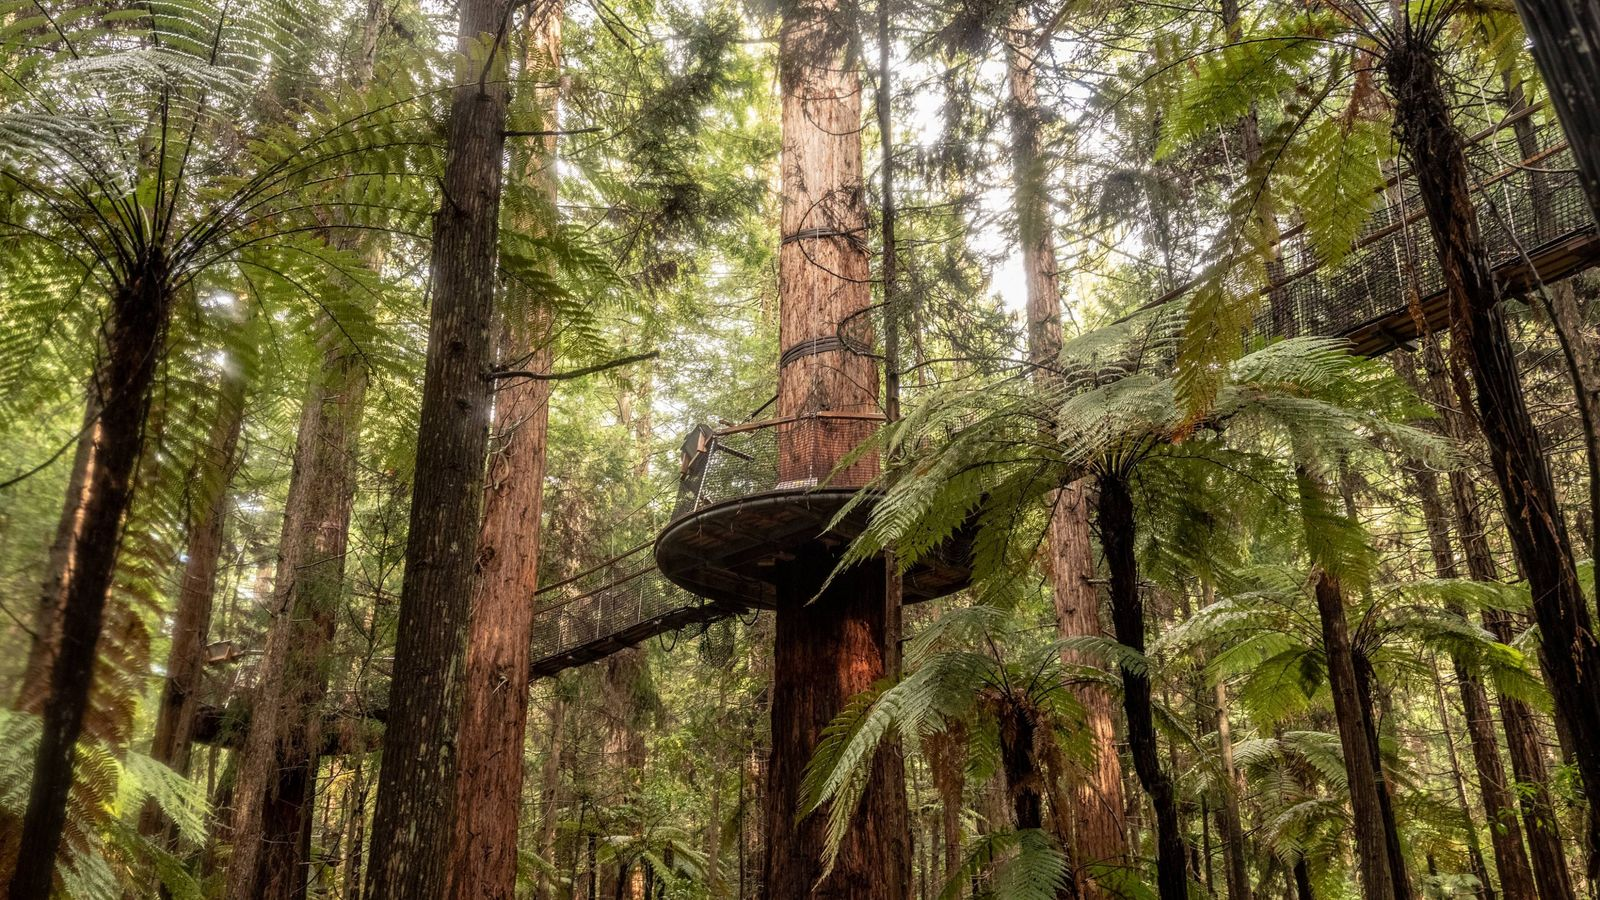 Rotholzbäume im Whakarewarewa Forest. Nur fünf Minuten von Rotorua entfernt kann man in diesem Nationalpark wandern ...